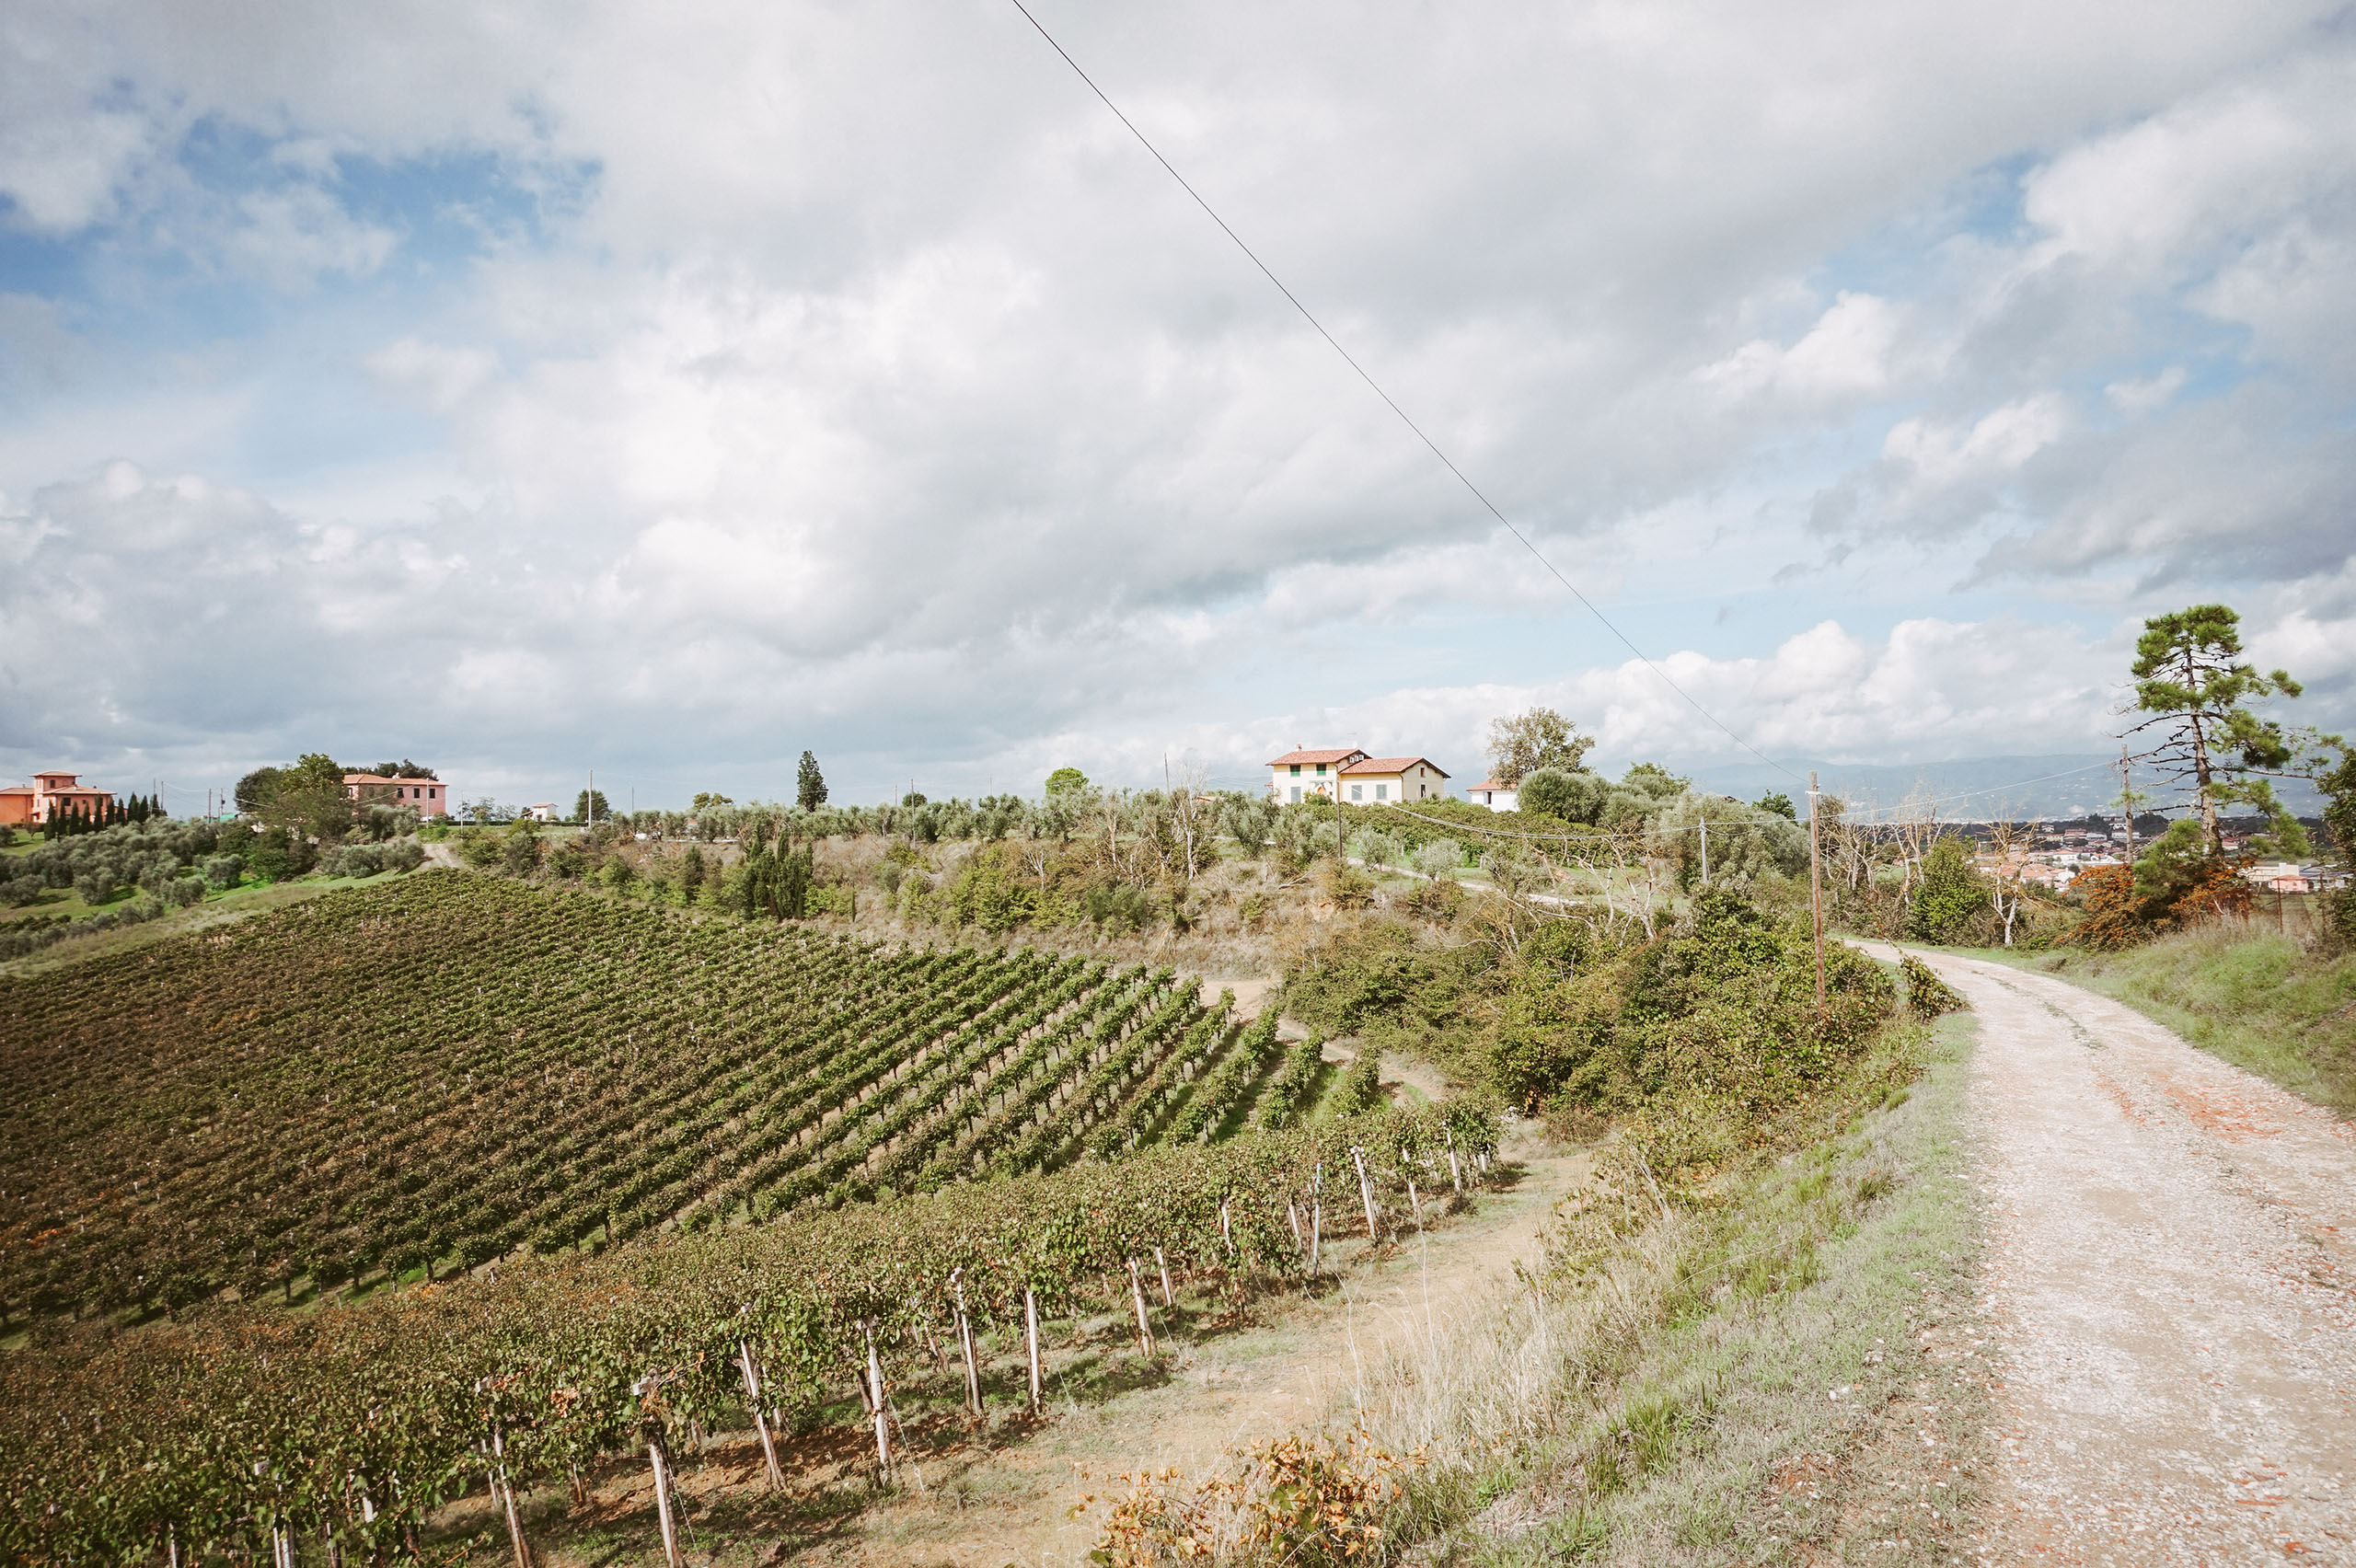 alessandro_salvaggio_repete_verne_gravel_tuscany9